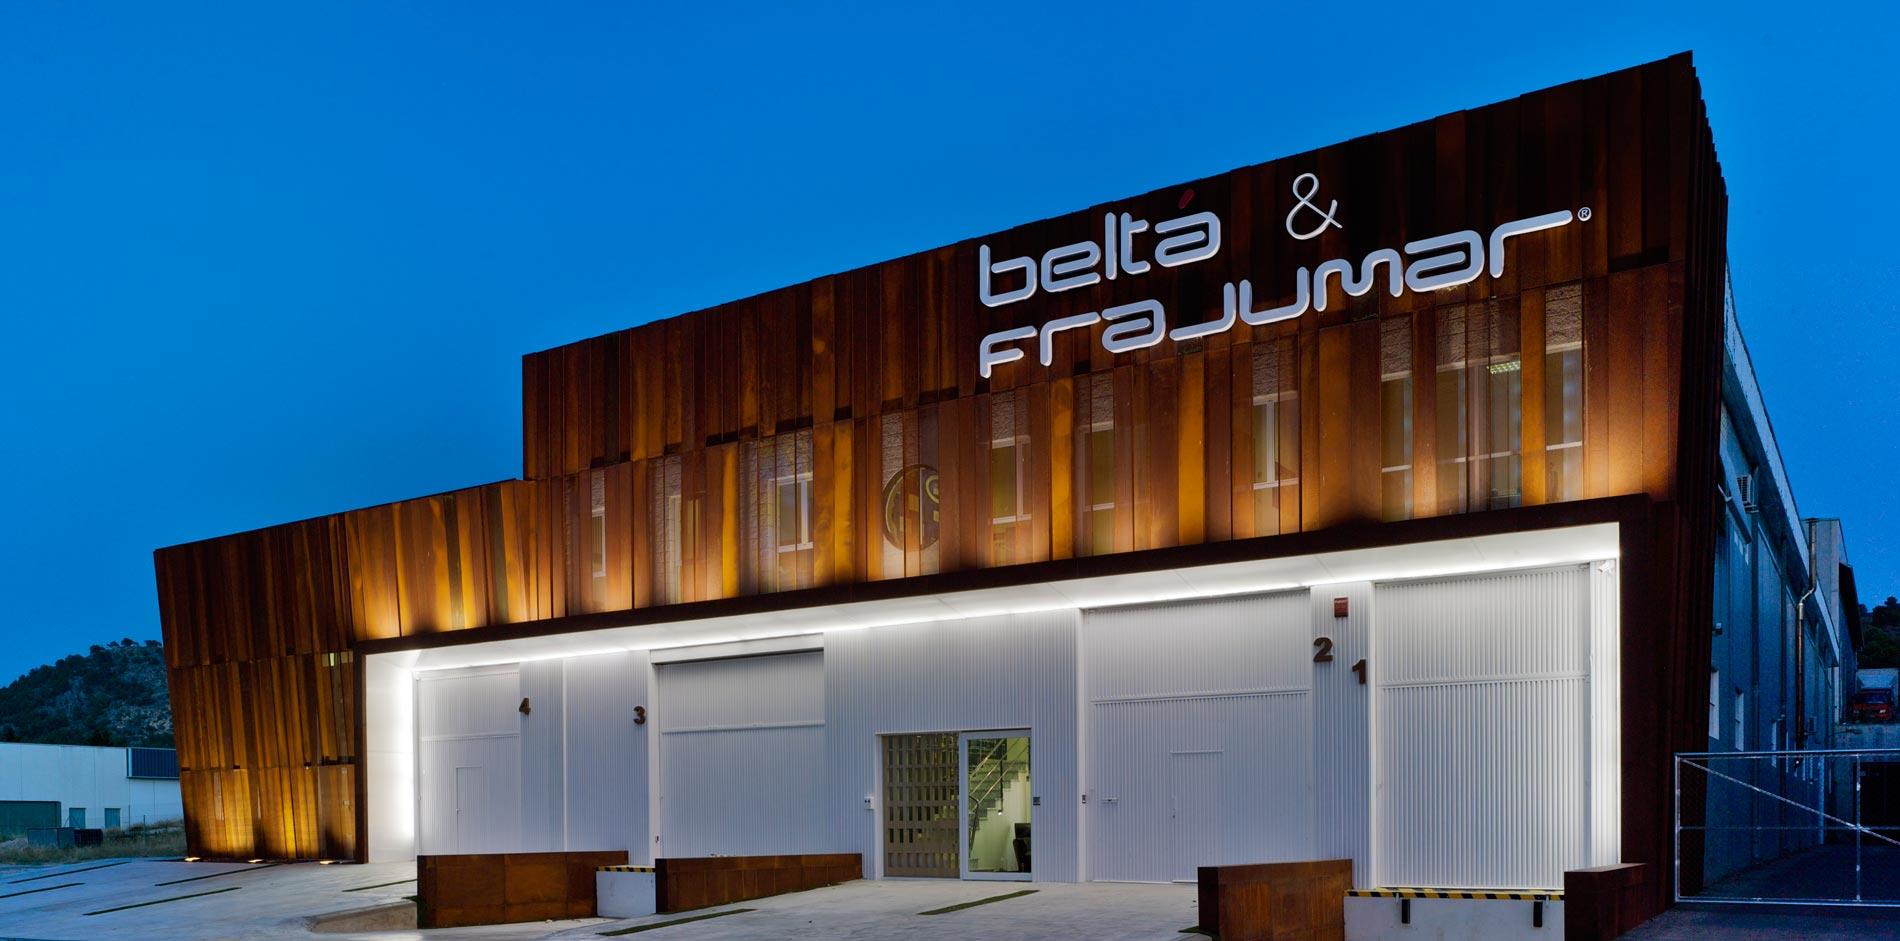 construcción y diseño de fachada belta frajumar